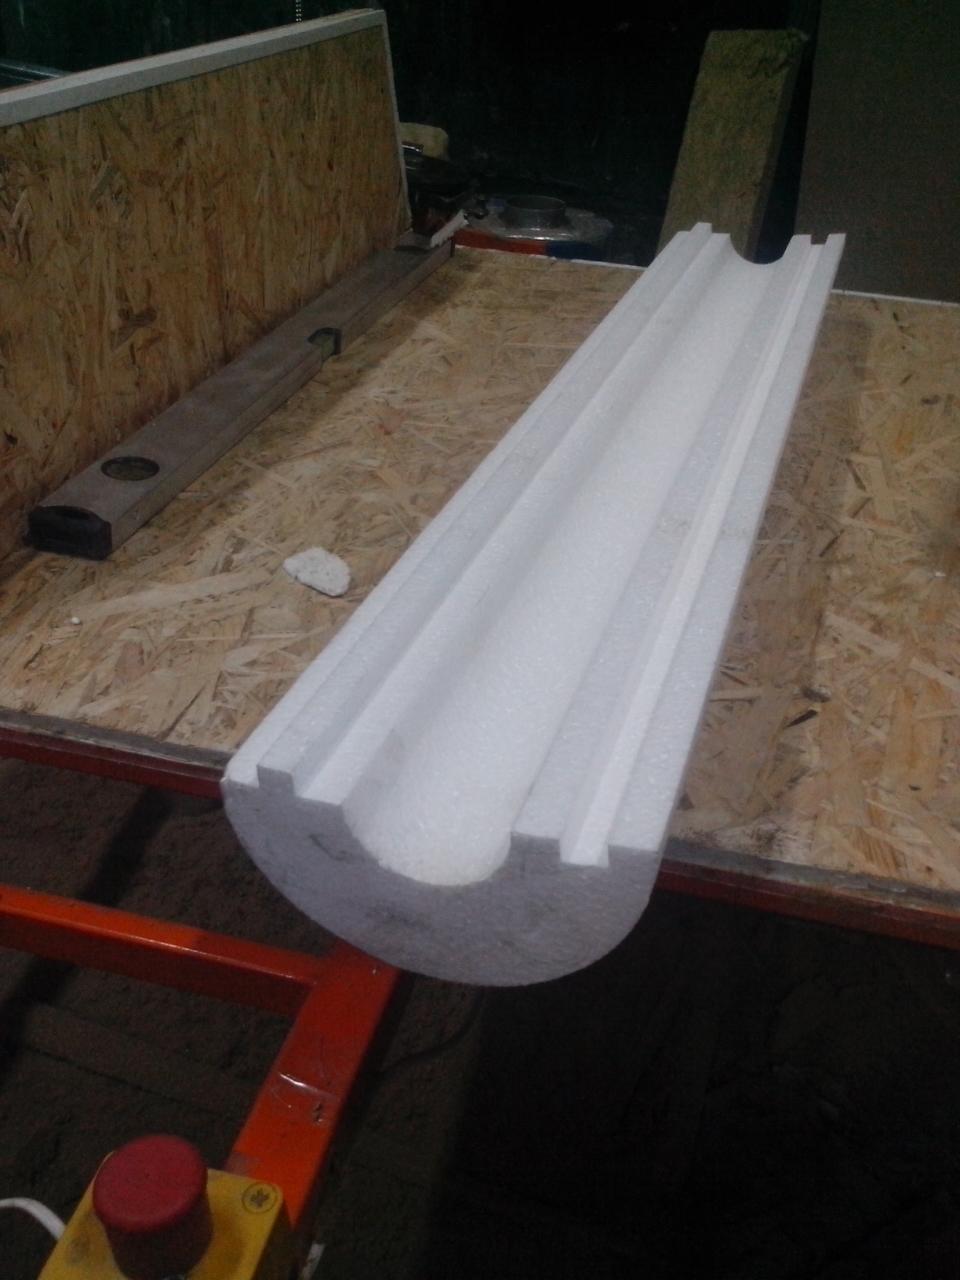 Утеплитель из пенопласта (пенополистирола) для труб Ø 50 мм толщиной 50 мм